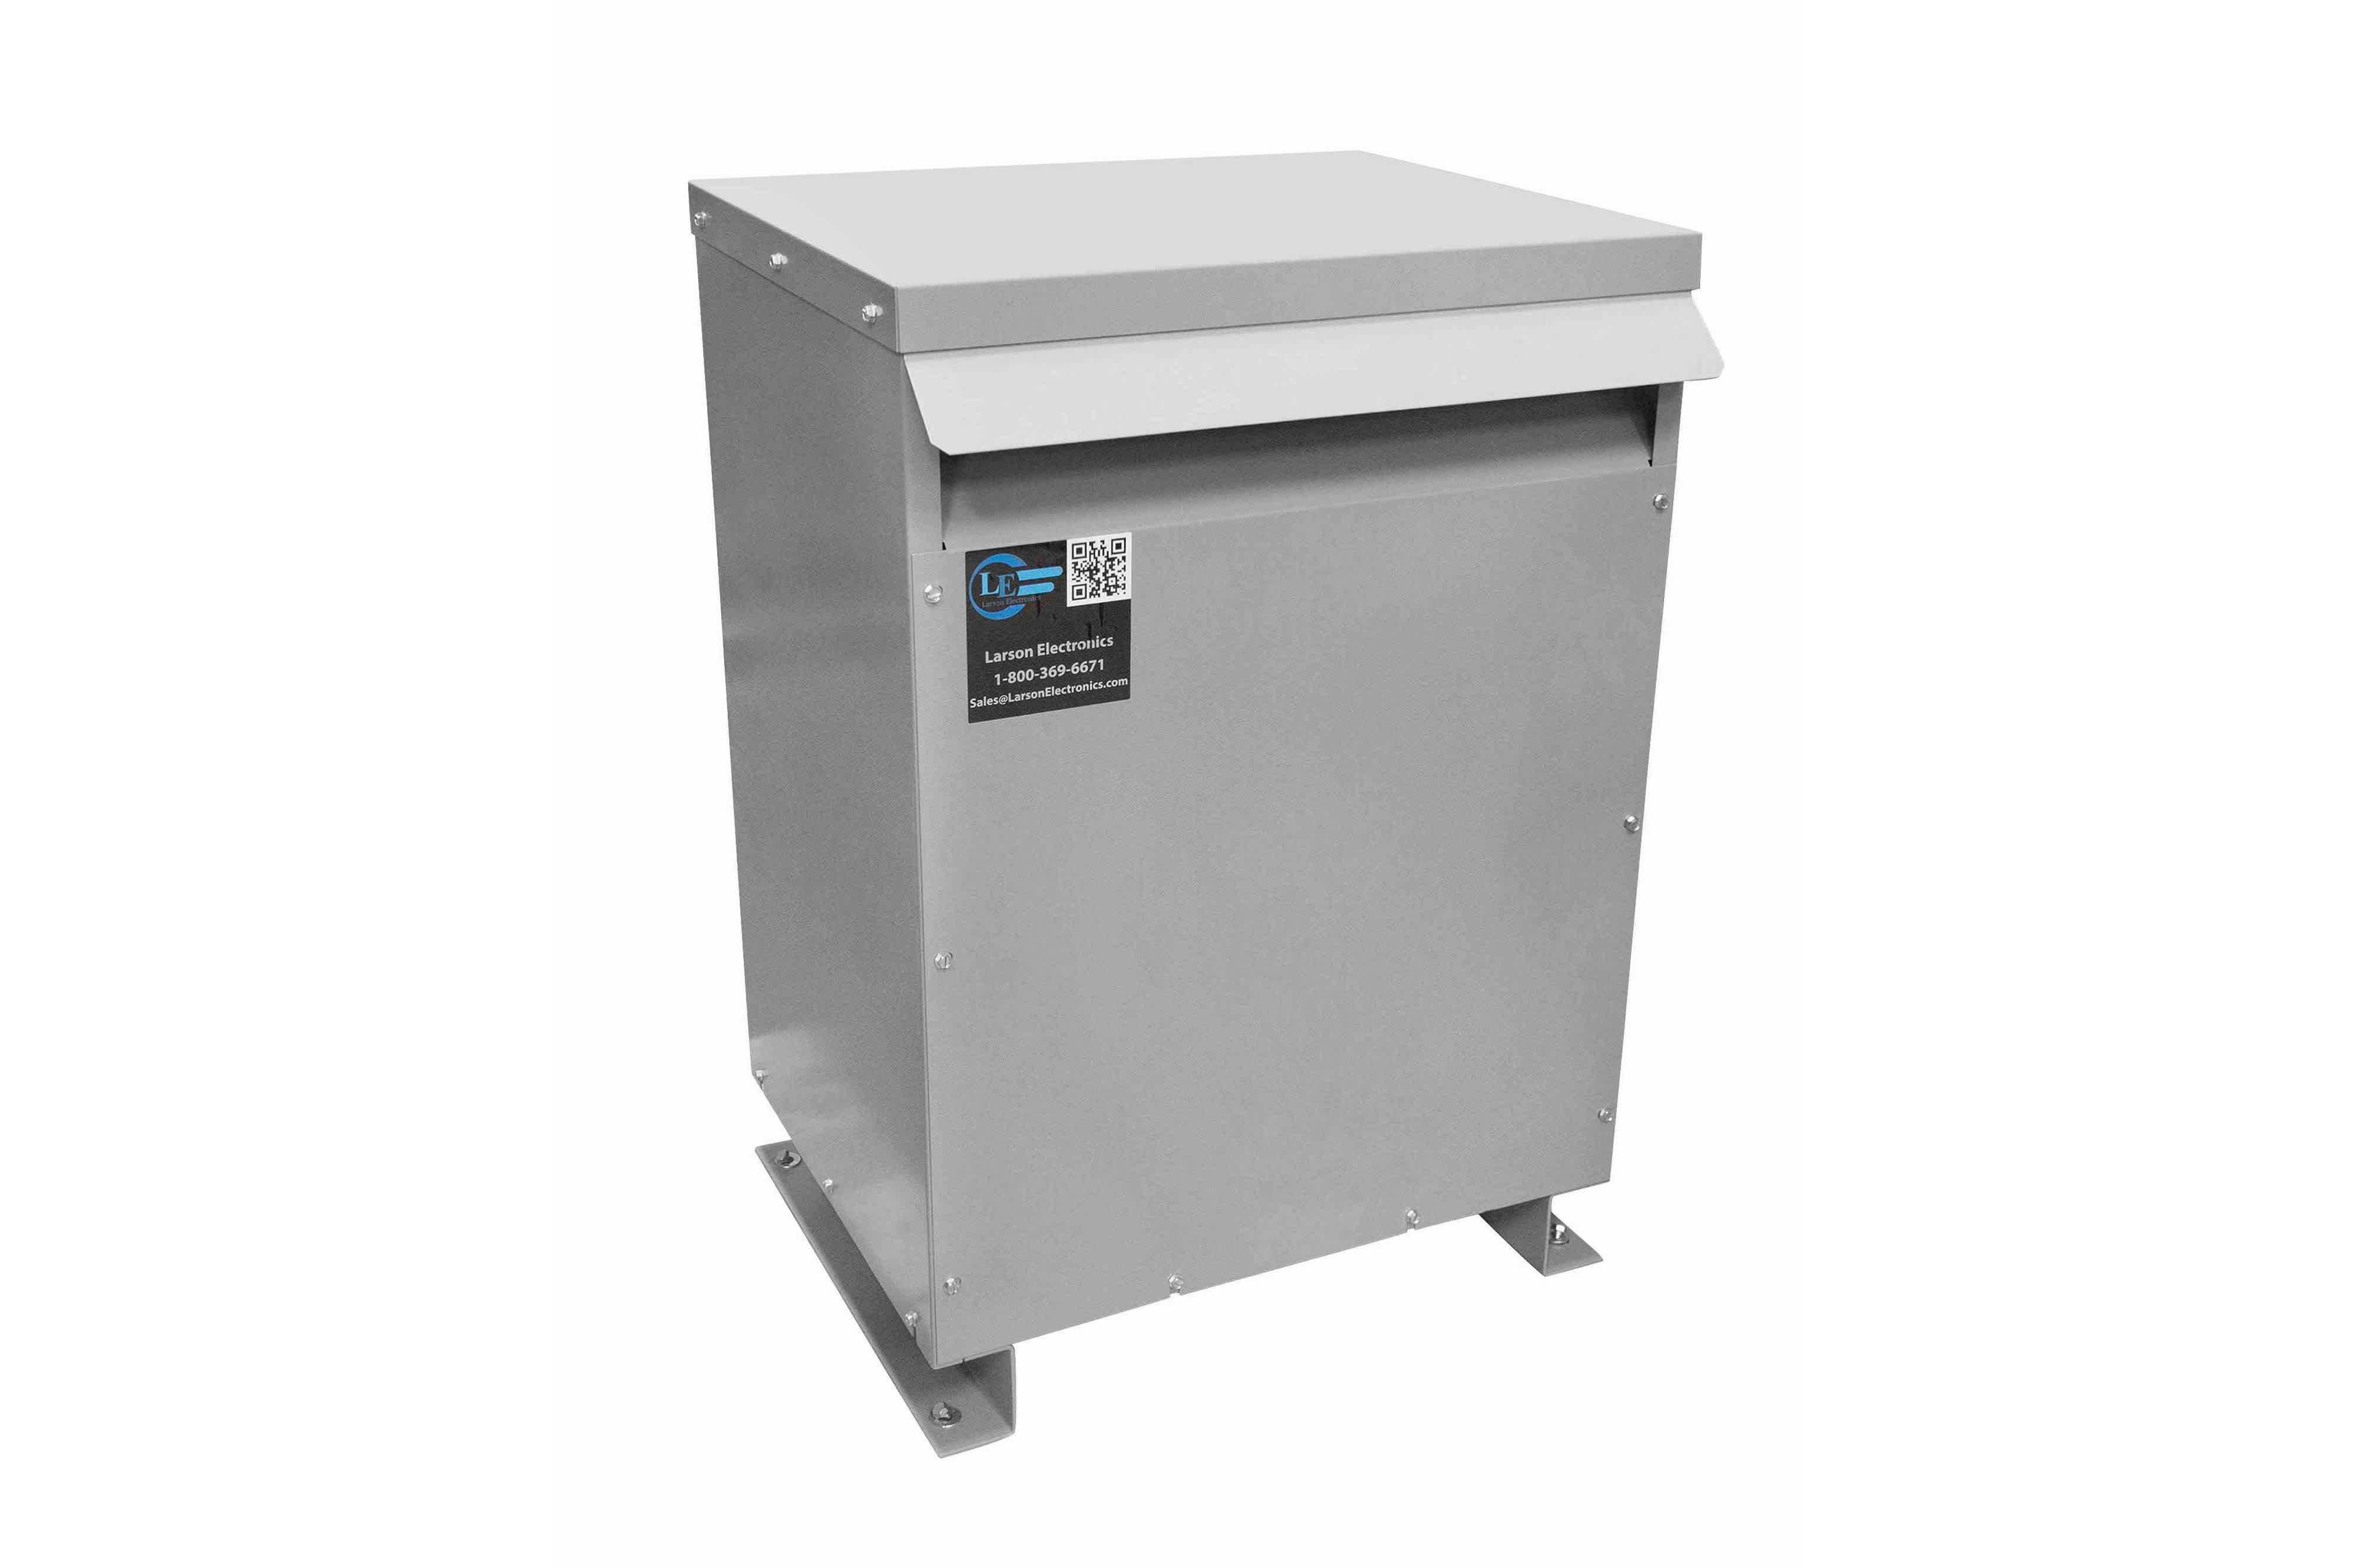 110 kVA 3PH Isolation Transformer, 600V Delta Primary, 480V Delta Secondary, N3R, Ventilated, 60 Hz